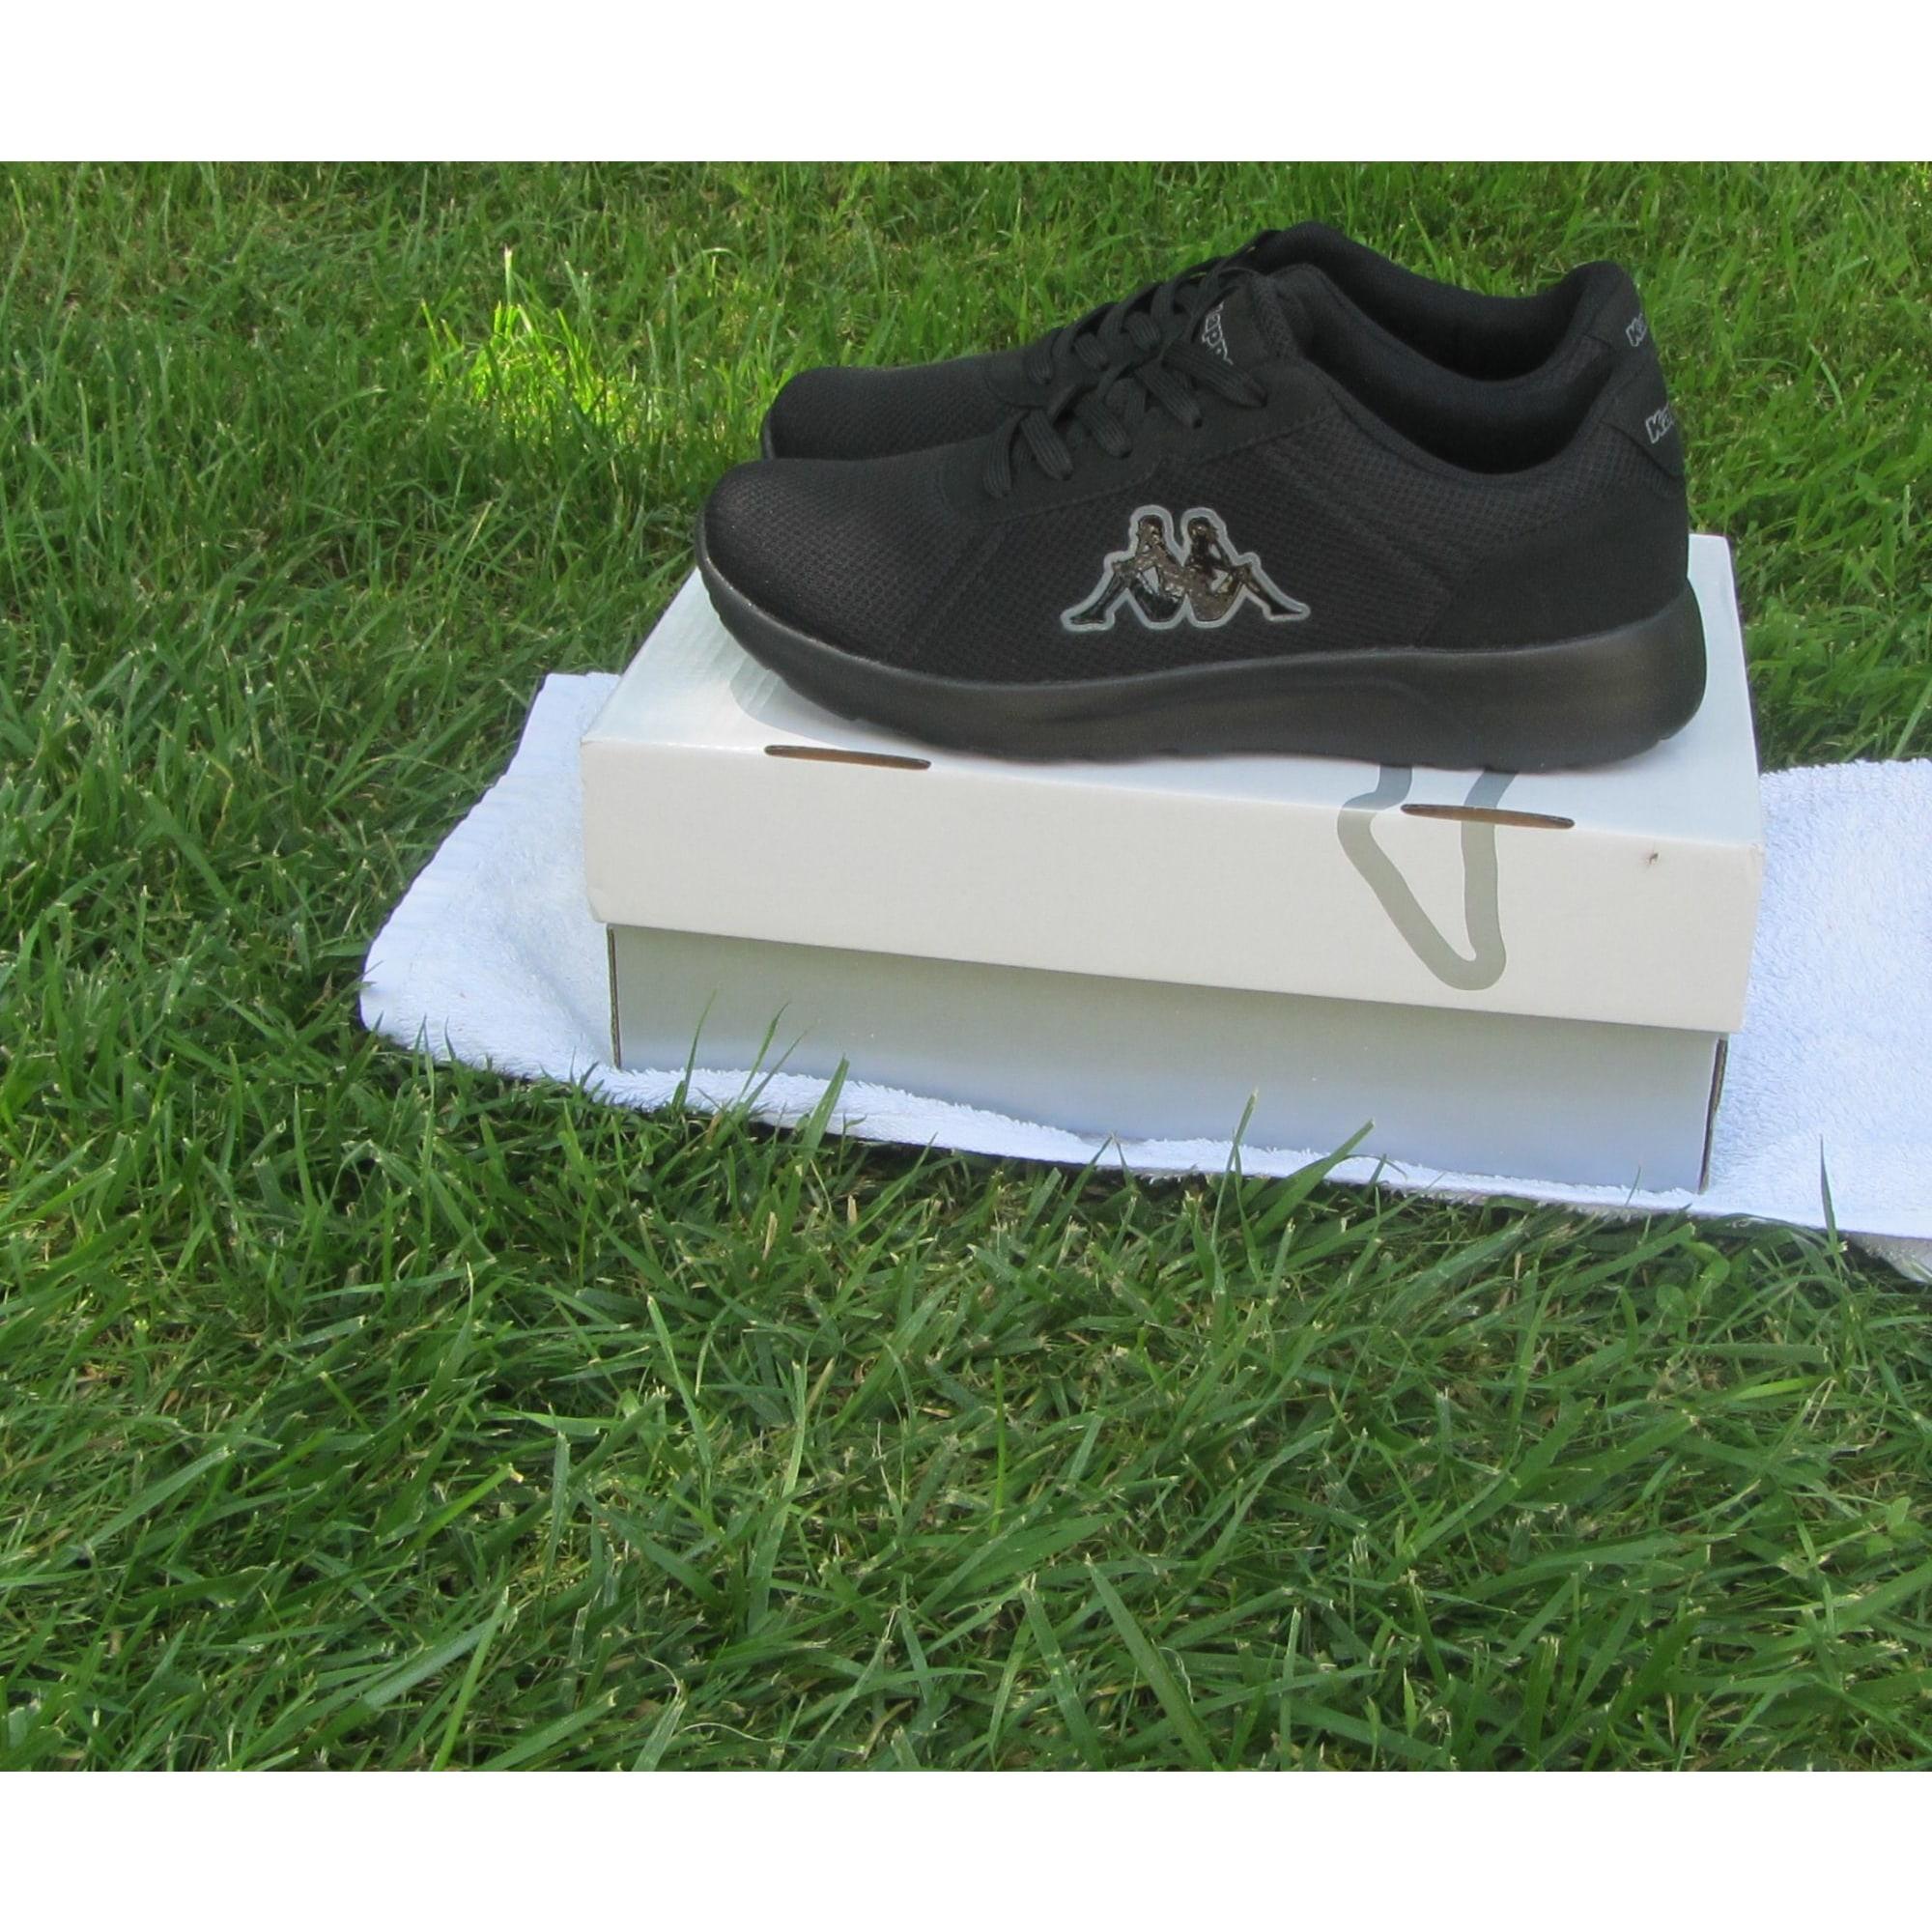 Chaussures de sport KAPPA Noir